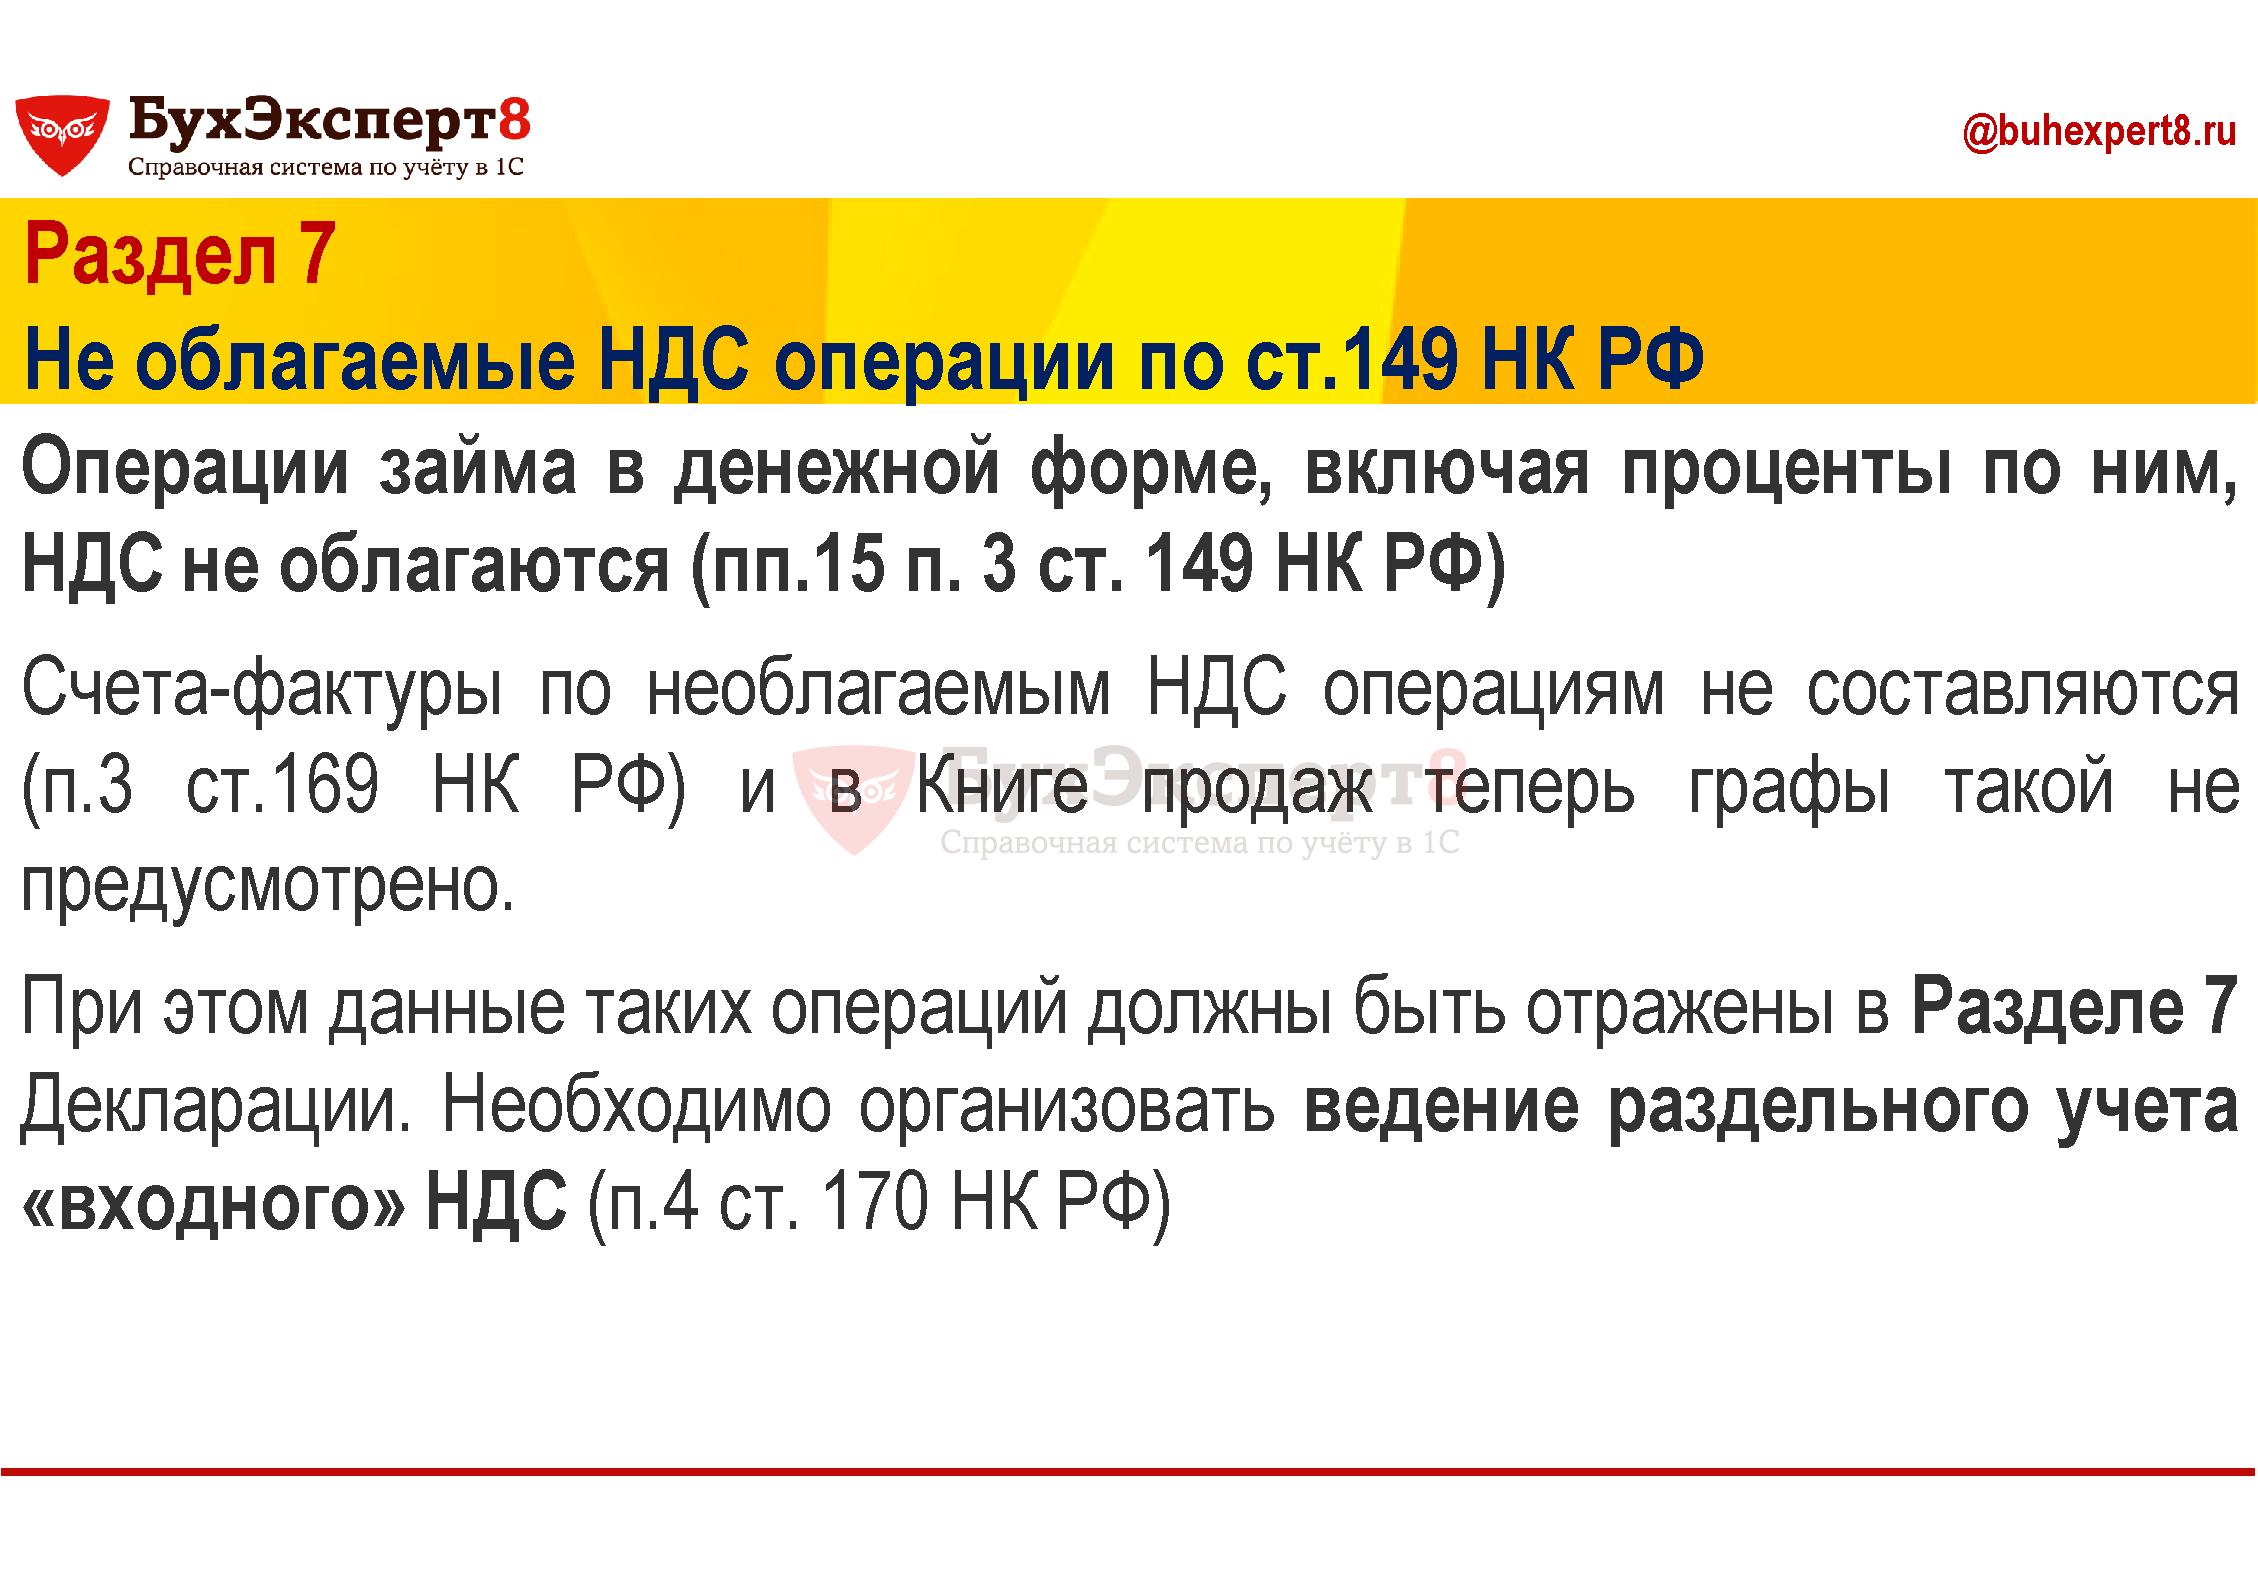 Раздел 7 Не облагаемые НДС операции по ст.149 НК РФ Операции займа в денежной форме, включая проценты по ним, НДС не облагаются (пп.15 п. 3 ст. 149 НК РФ) Счета-фактуры по необлагаемым НДС операциям не составляются (п.3 ст.169 НК РФ) и в Книге продаж теперь графы такой не предусмотрено. При этом данные таких операций должны быть отражены в Разделе 7 Декларации. Необходимо организовать ведение раздельного учета «входного» НДС (п.4 ст. 170 НК РФ)